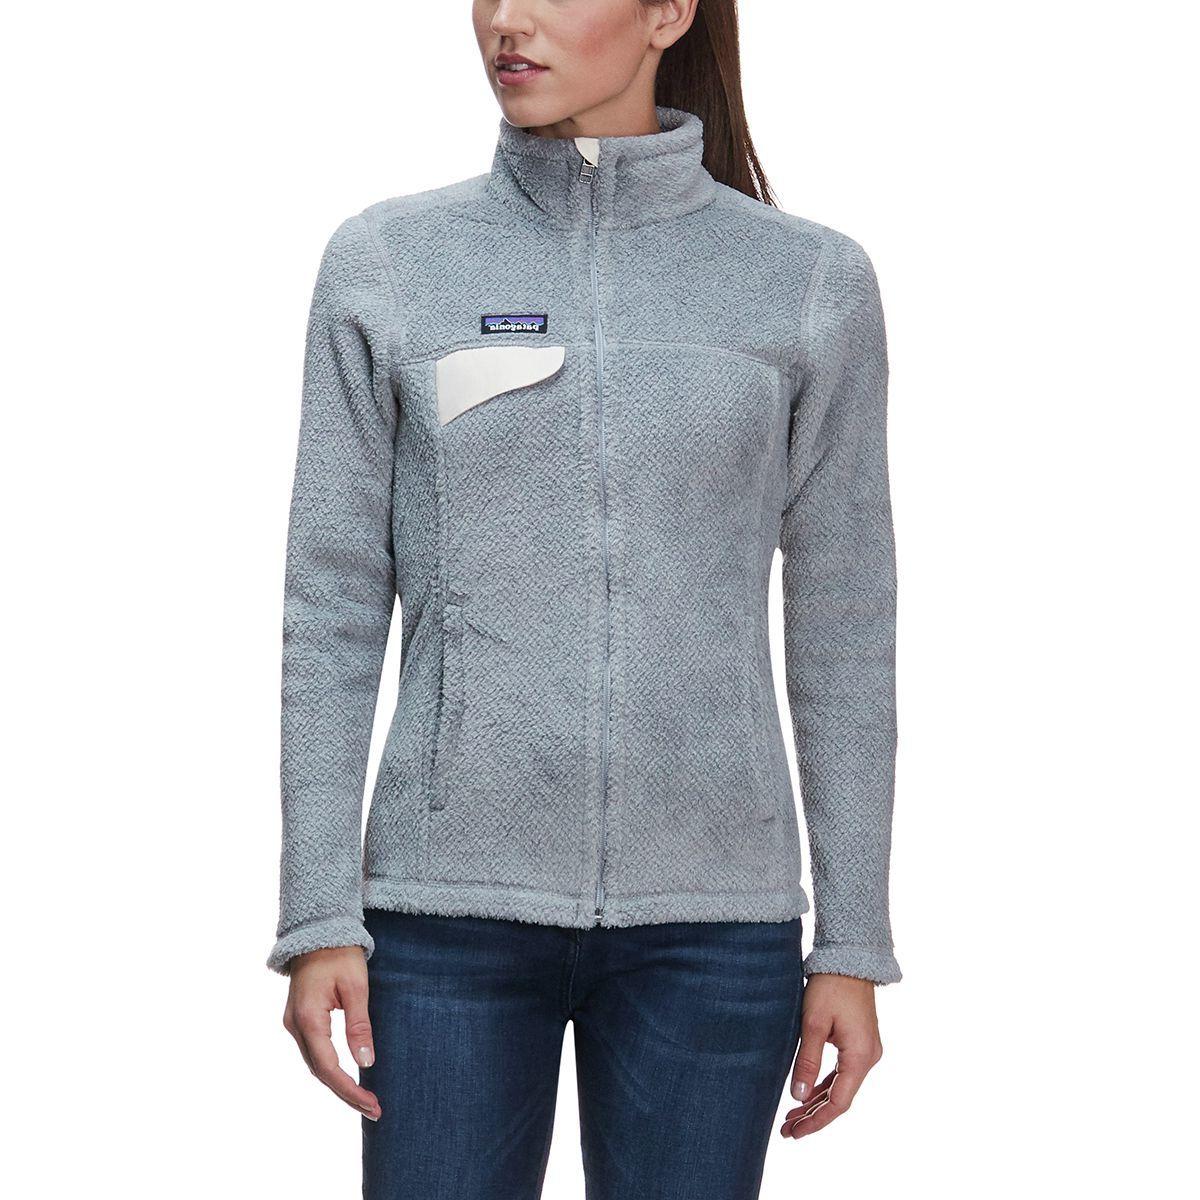 Patagonia Re-Tool Full-Zip Fleece Jacket - Women's